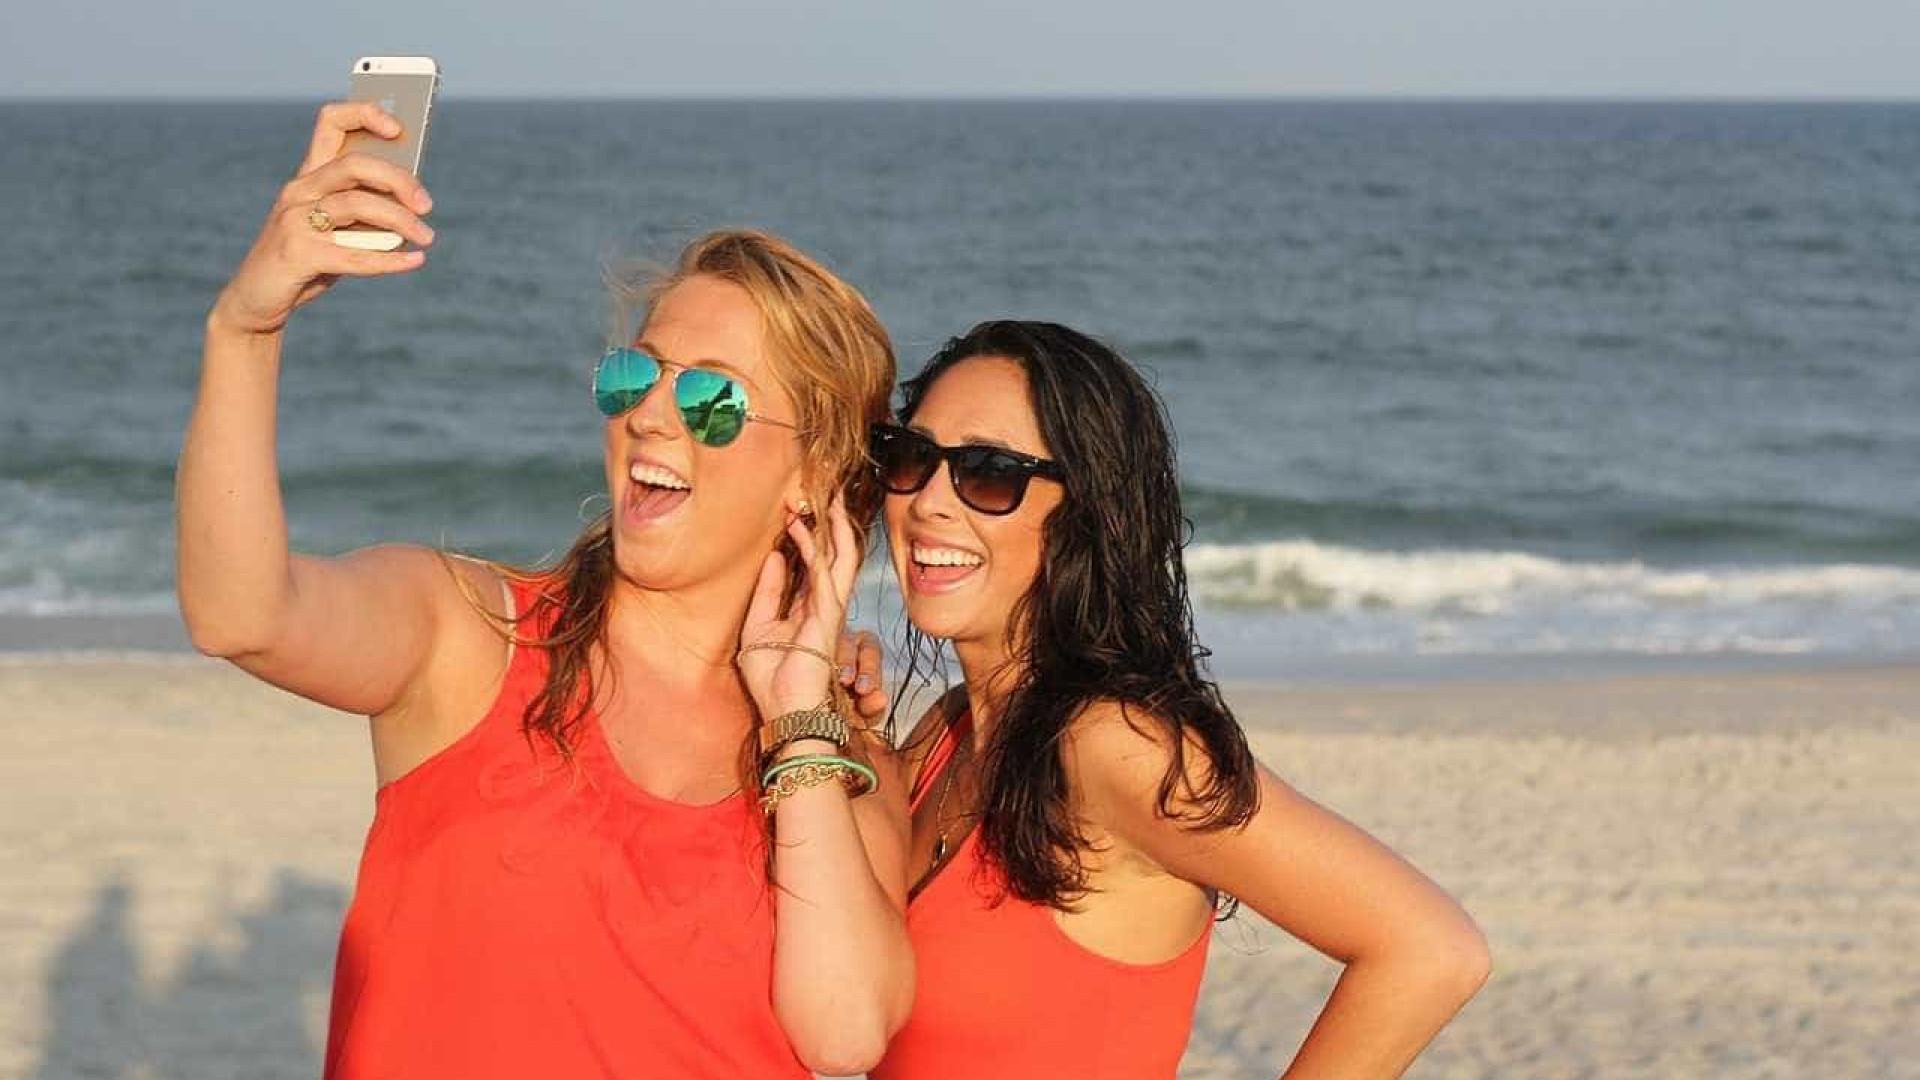 """Viciados em selfies sofrem de """"problemas mentais"""""""